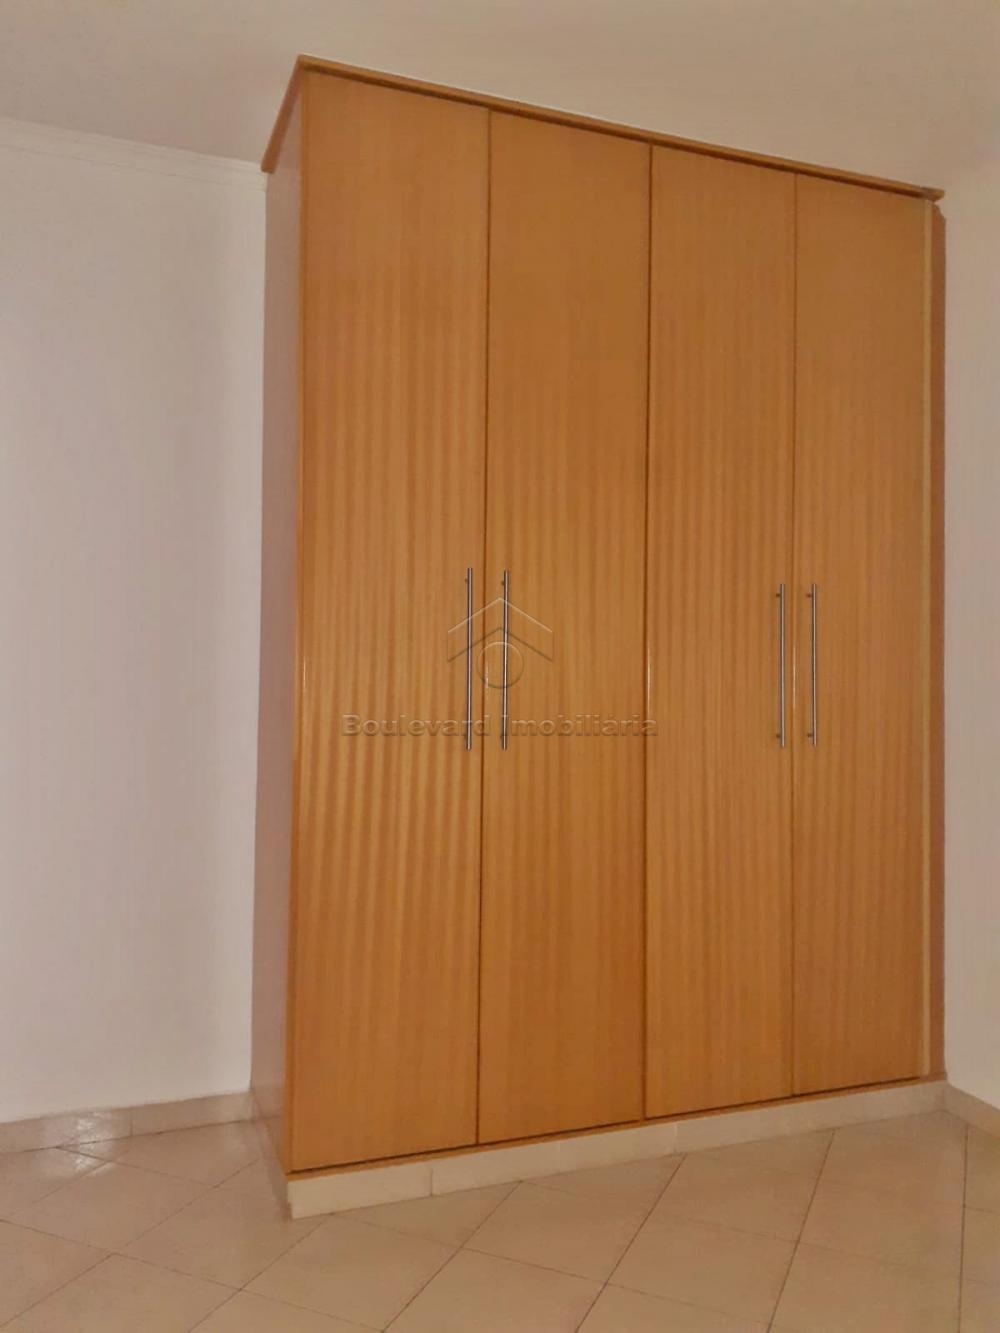 Alugar Apartamento / Padrão em Ribeirão Preto R$ 2.600,00 - Foto 12